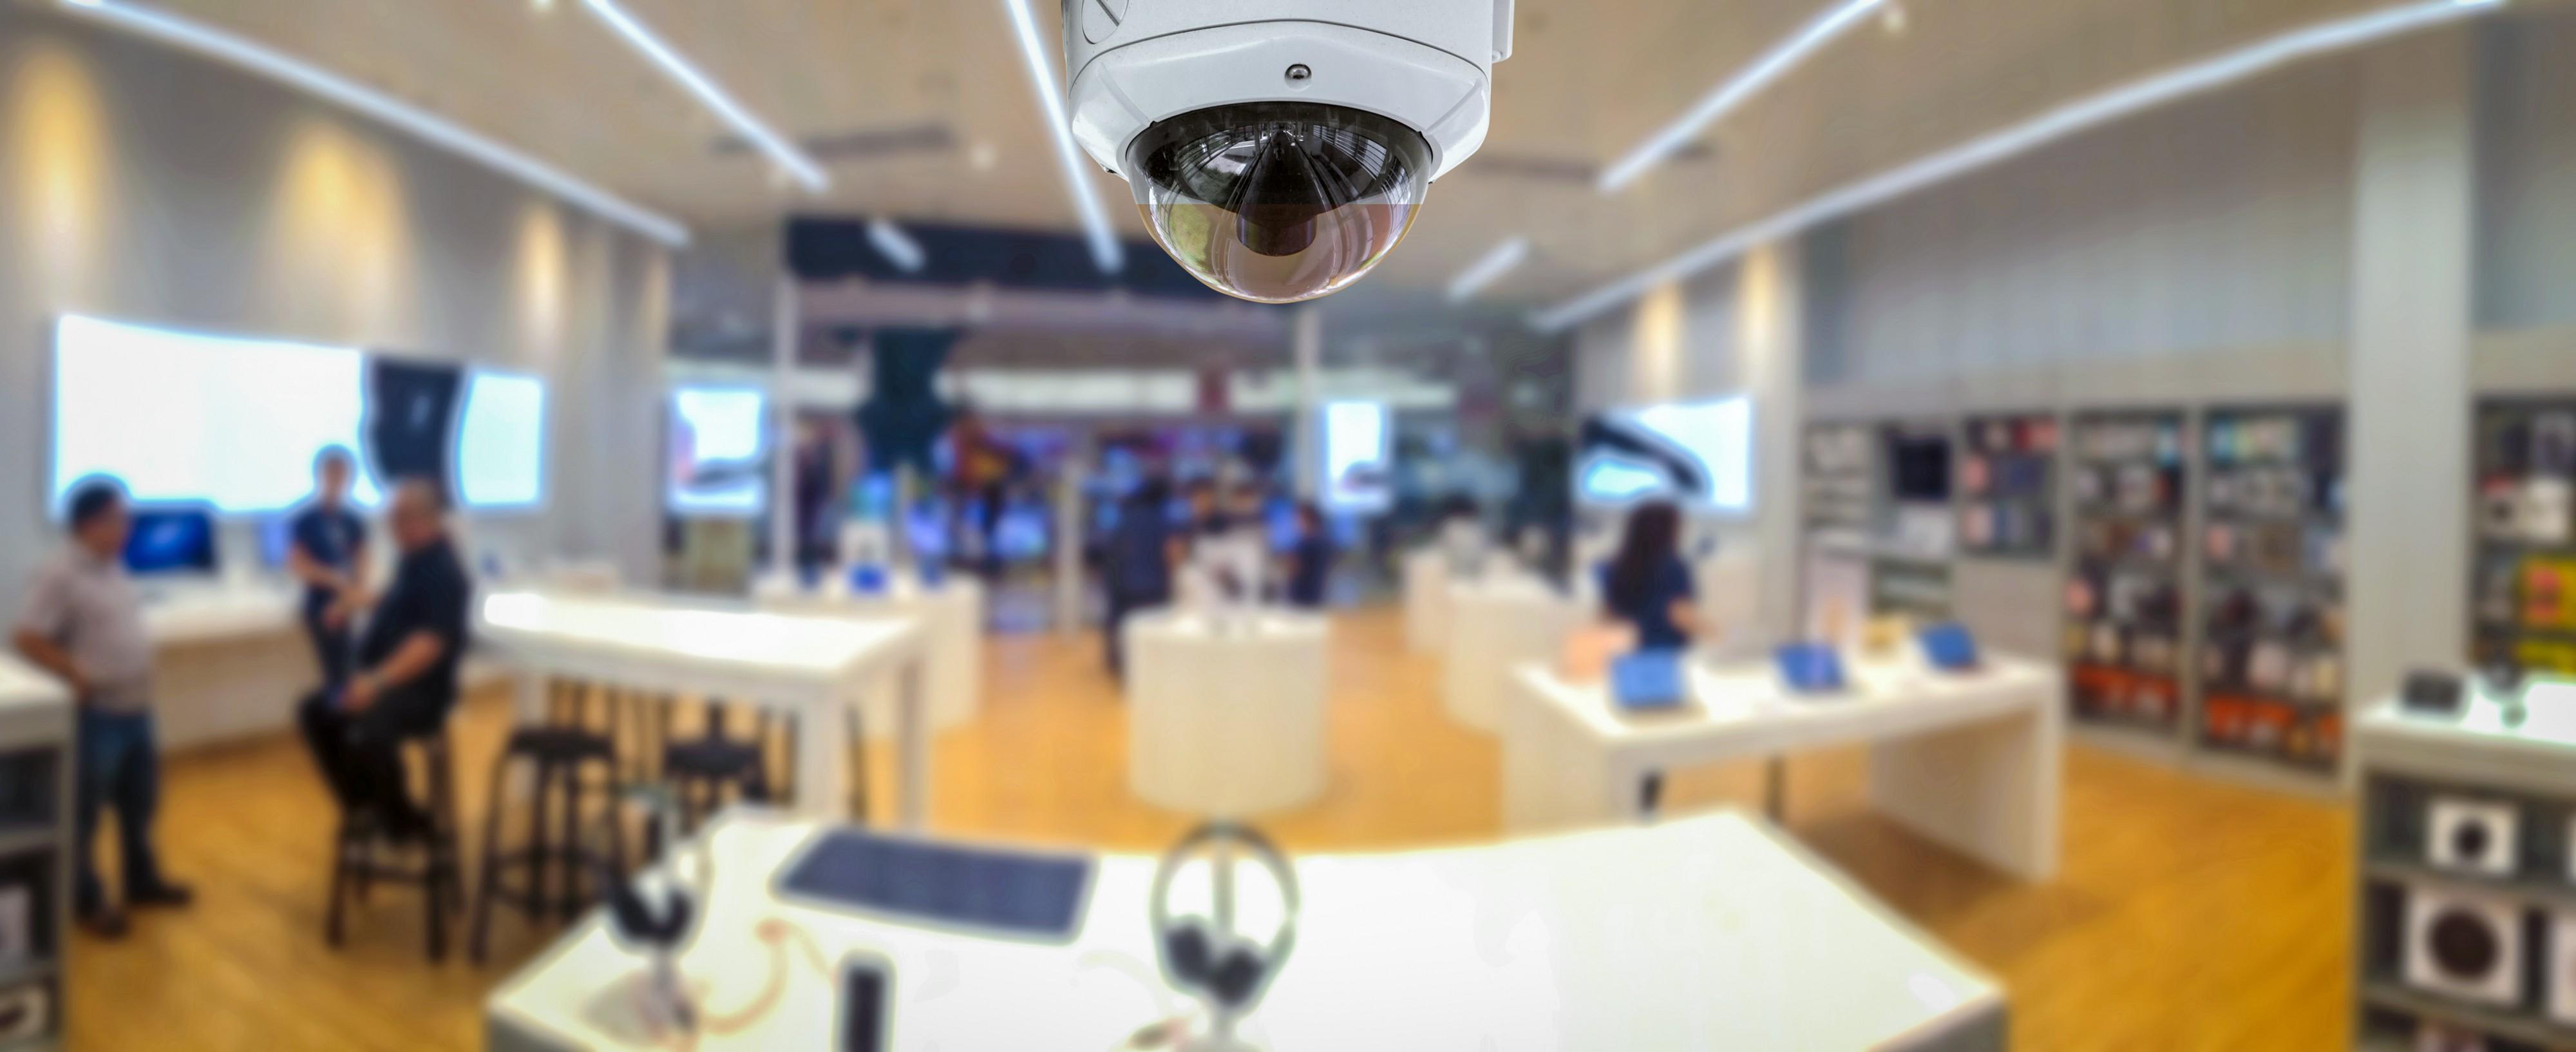 cameras de segurança coworking